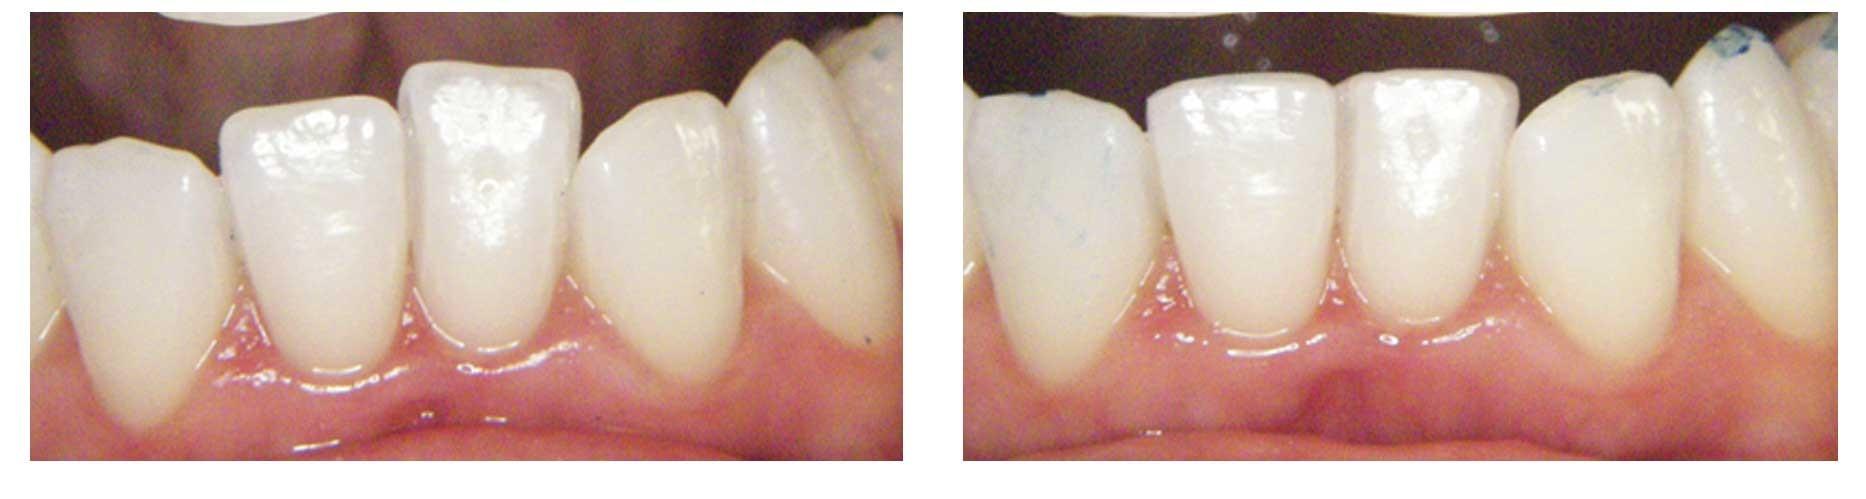 Contorneado de dientes